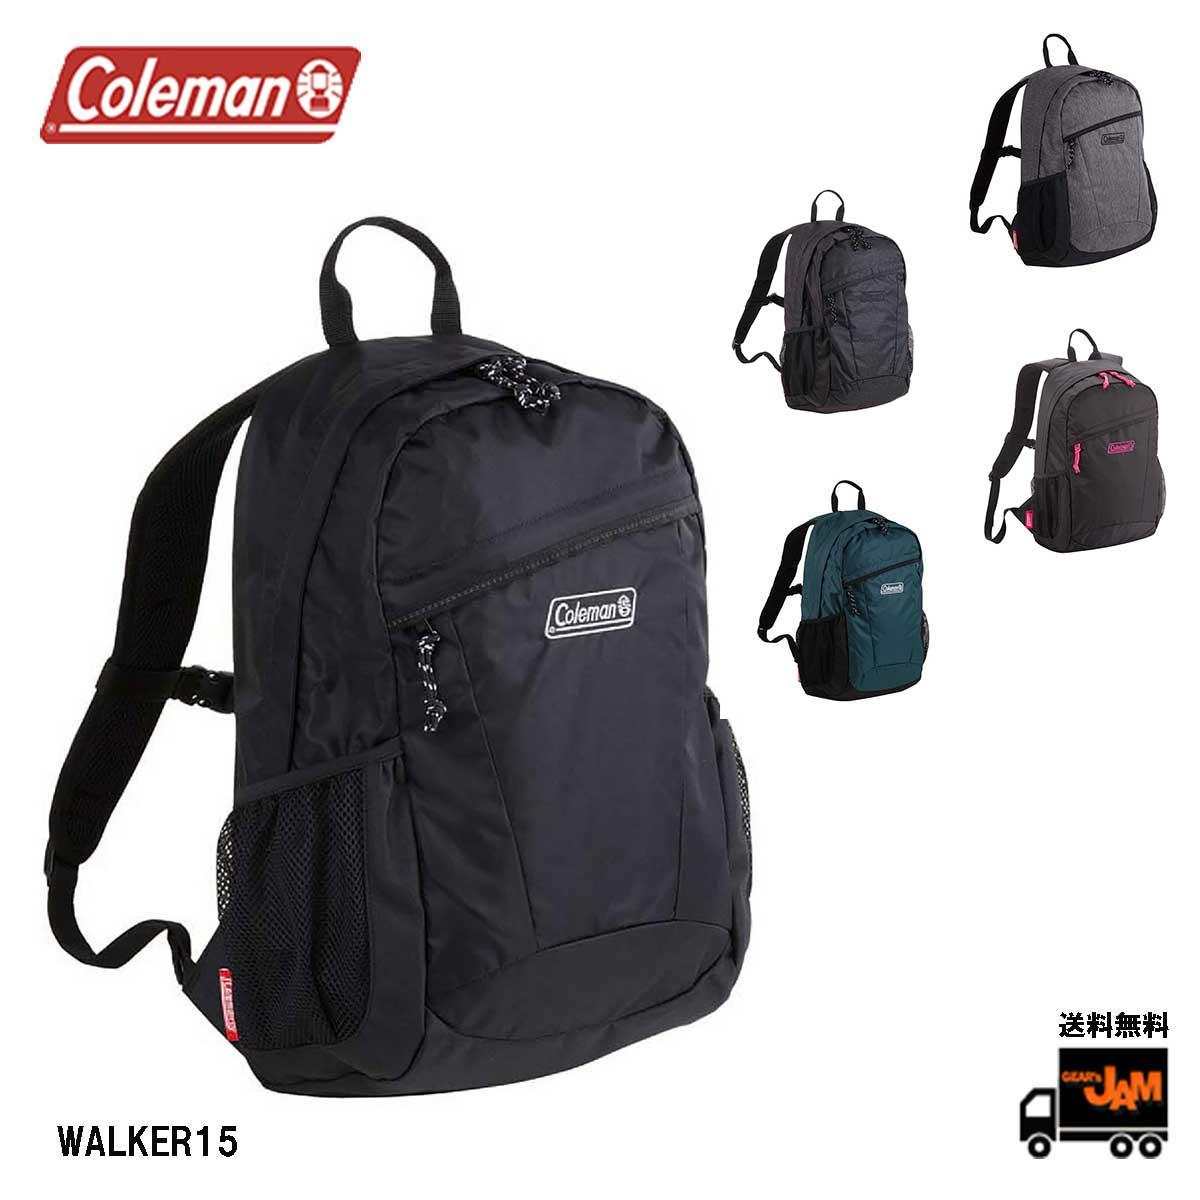 Coleman コールマン WALKER15 ウォーカー15 リュックサック リュック 15L 売店 A4 メンズ 公式 レディース デイパック 送料無料